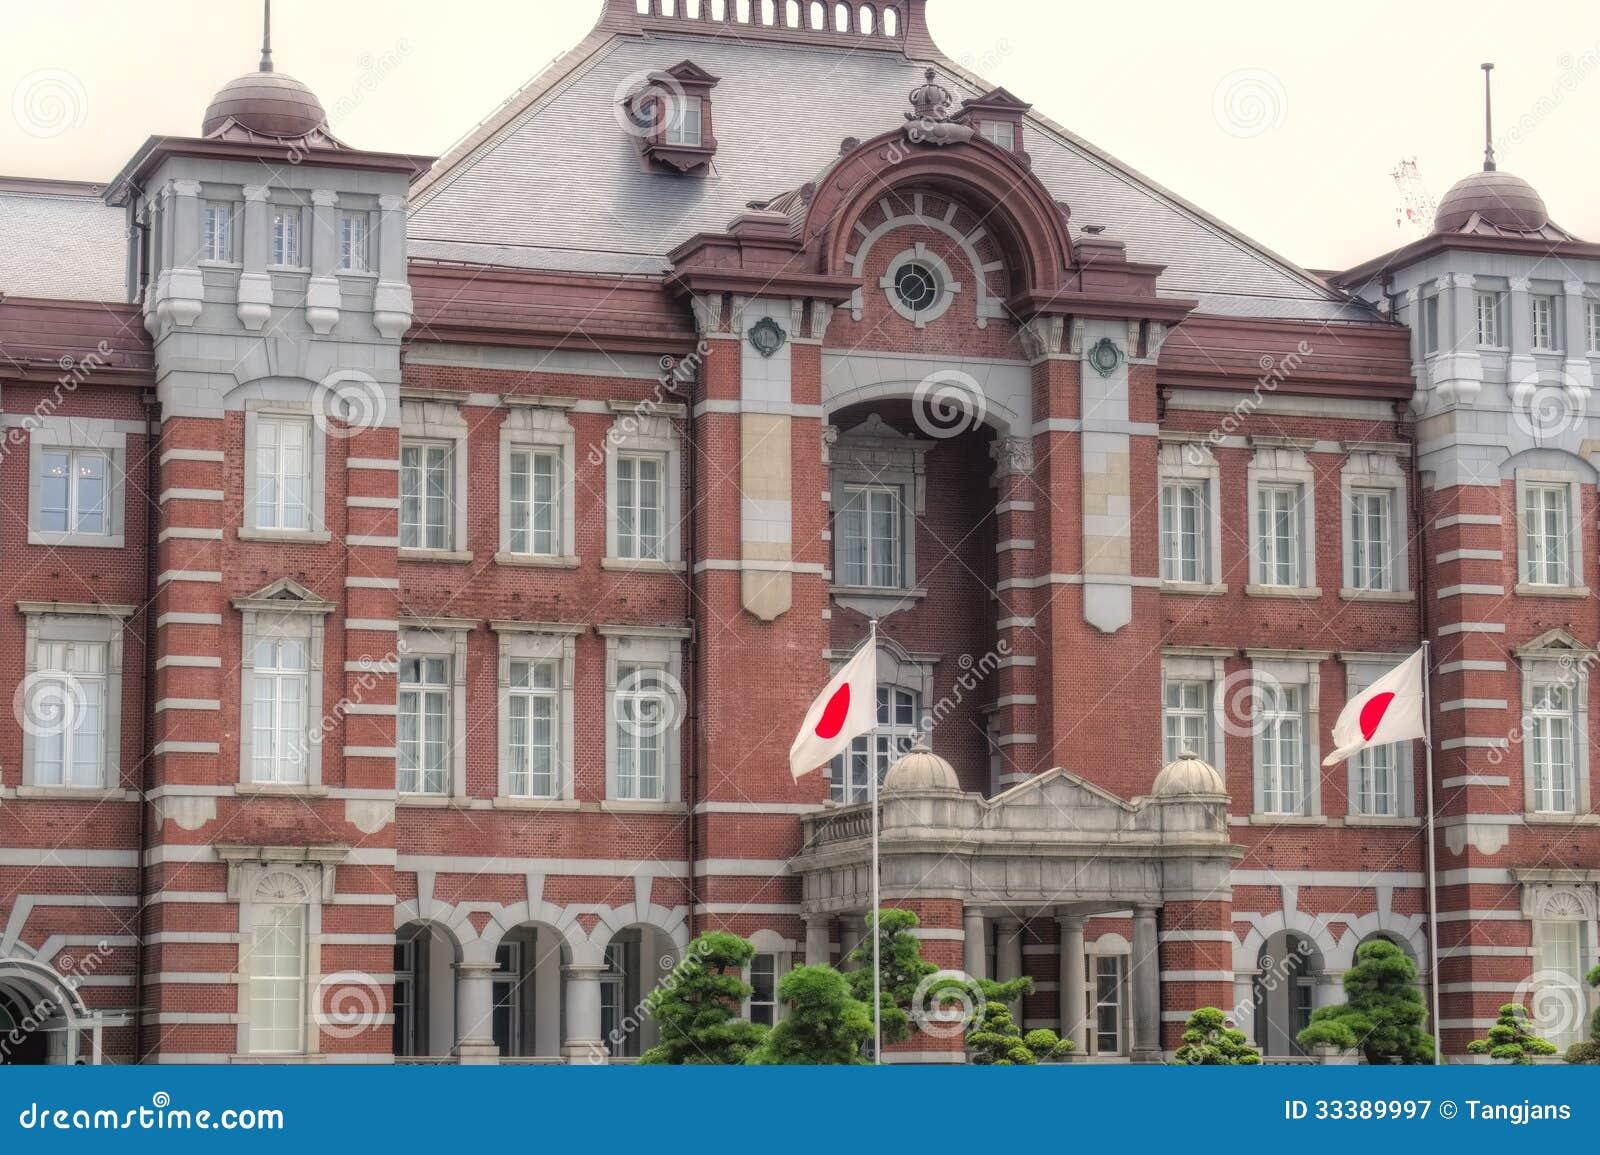 Marunouchi Hotel【Official】(Tokyo Marunouchi Otemachi)